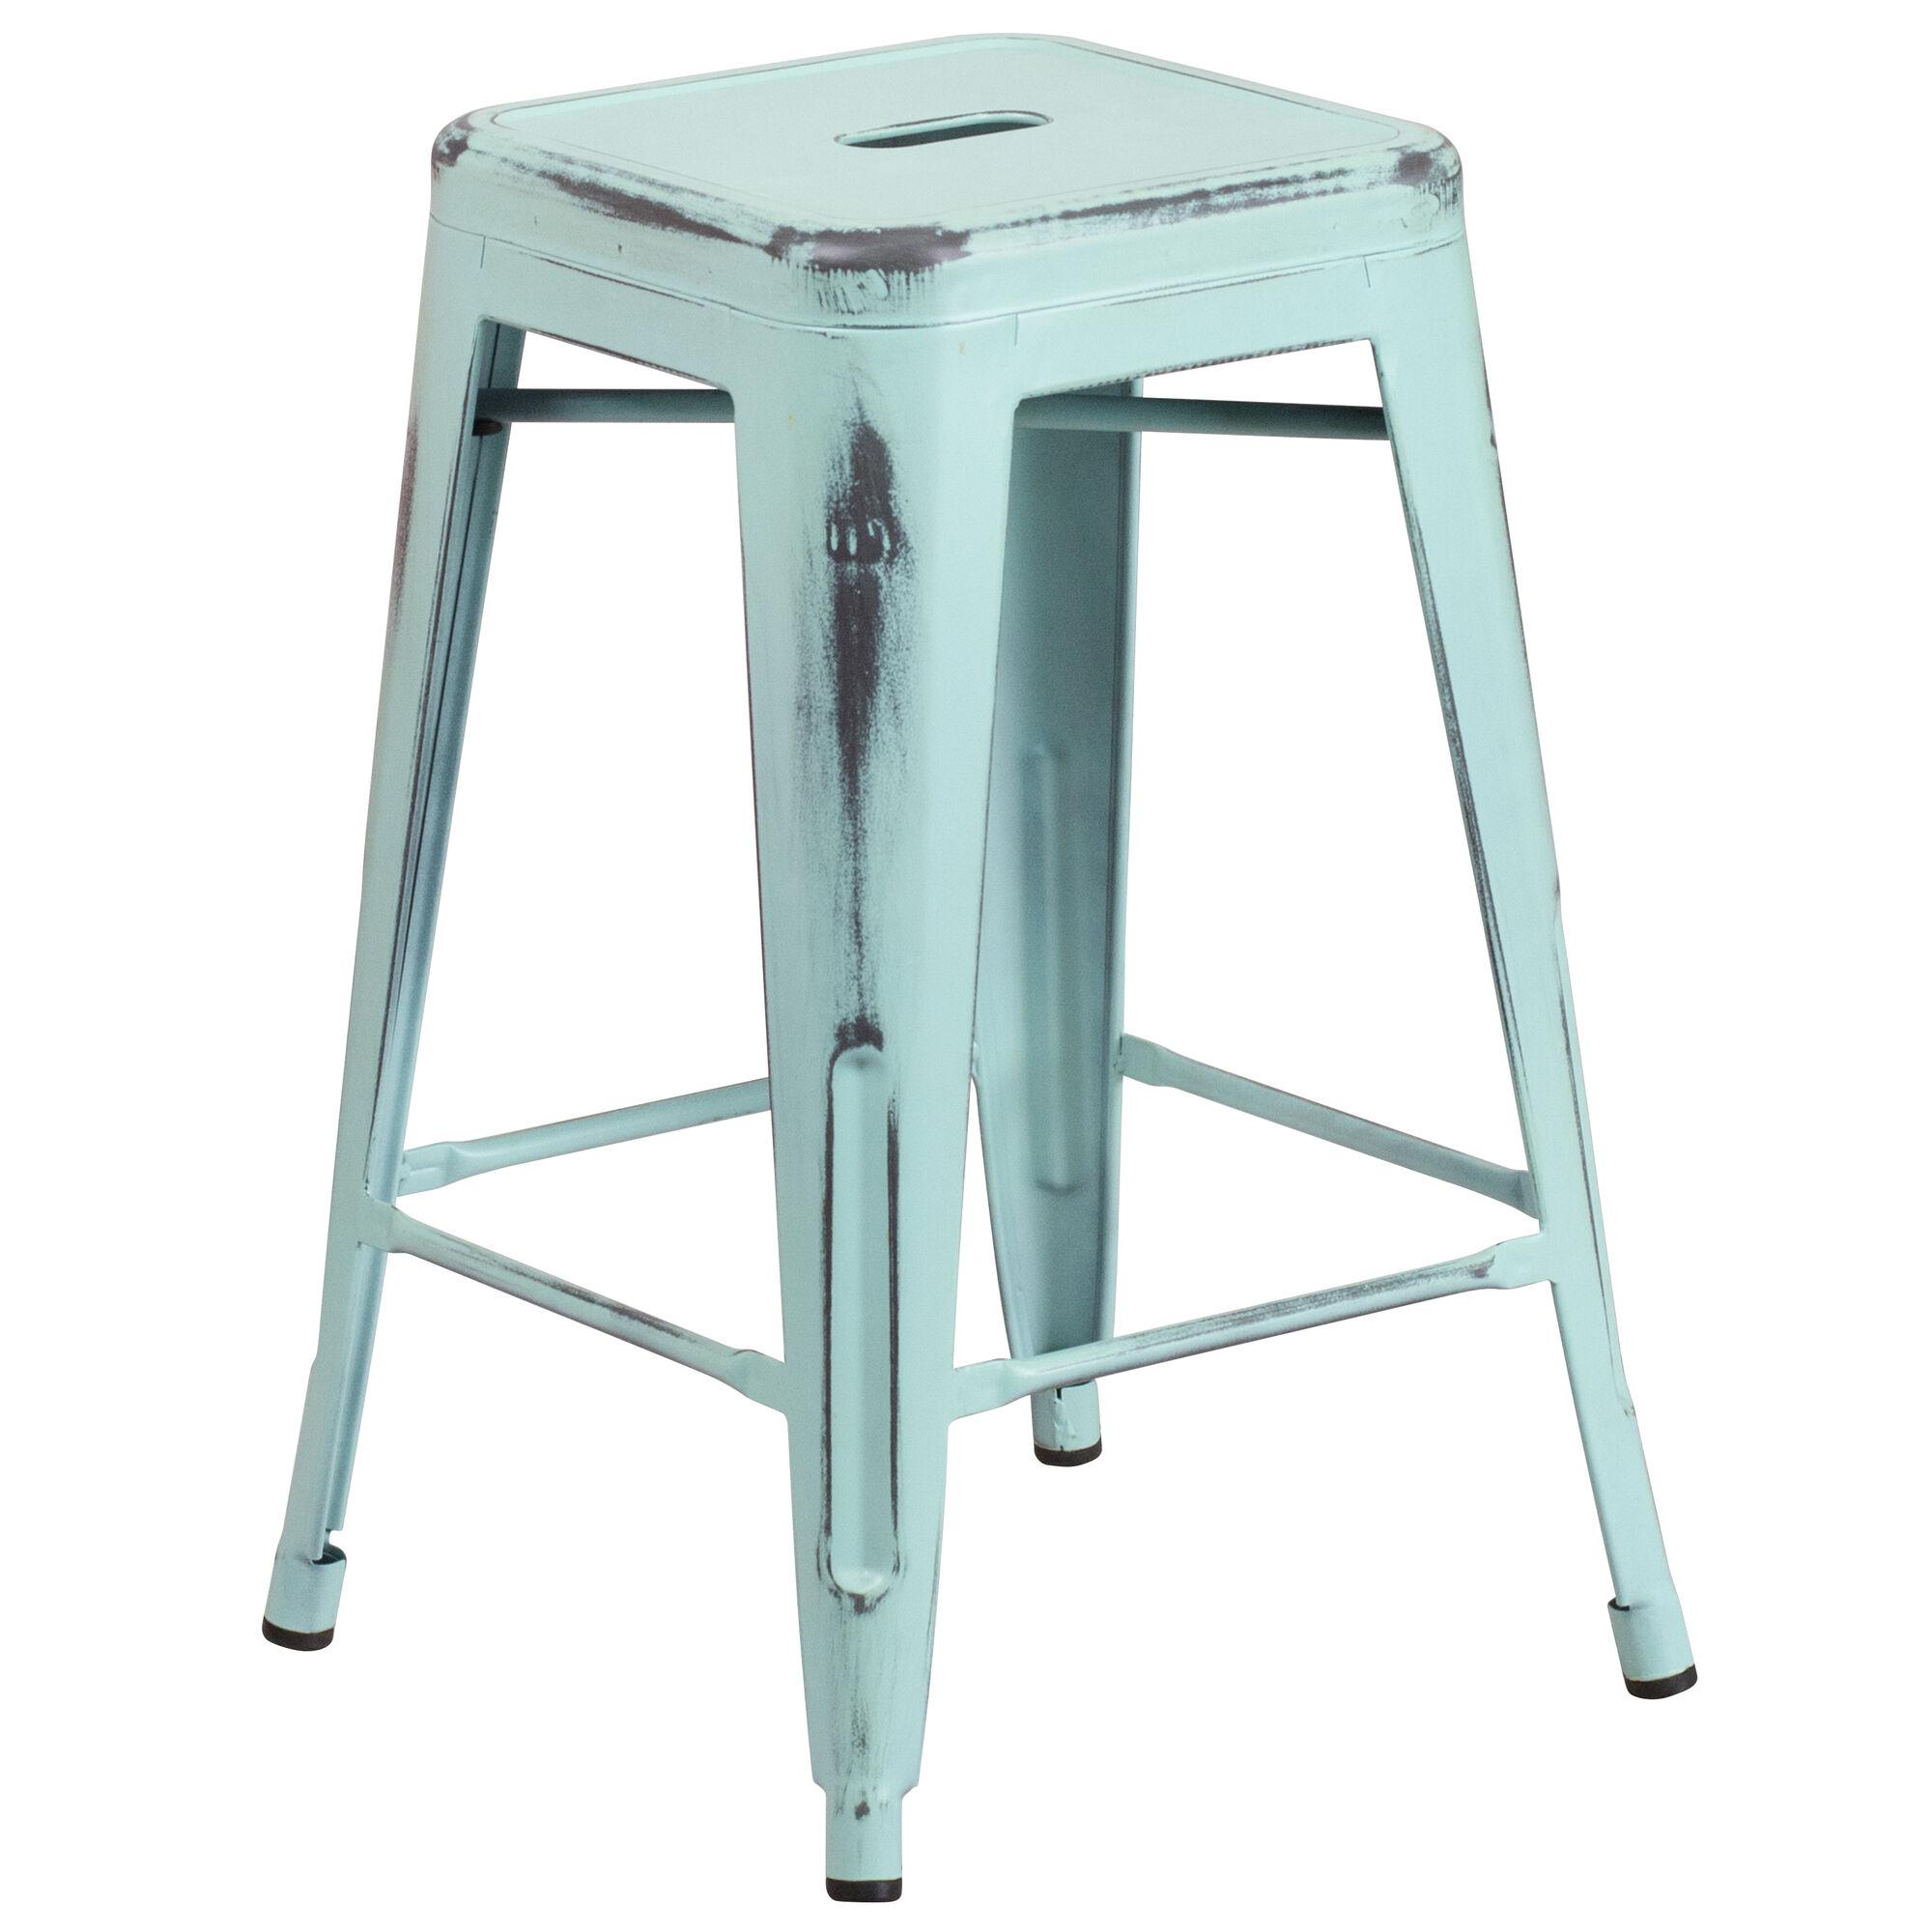 Magnificent Commercial Grade 24 High Backless Distressed Green Blue Metal Indoor Outdoor Counter Height Stool Inzonedesignstudio Interior Chair Design Inzonedesignstudiocom